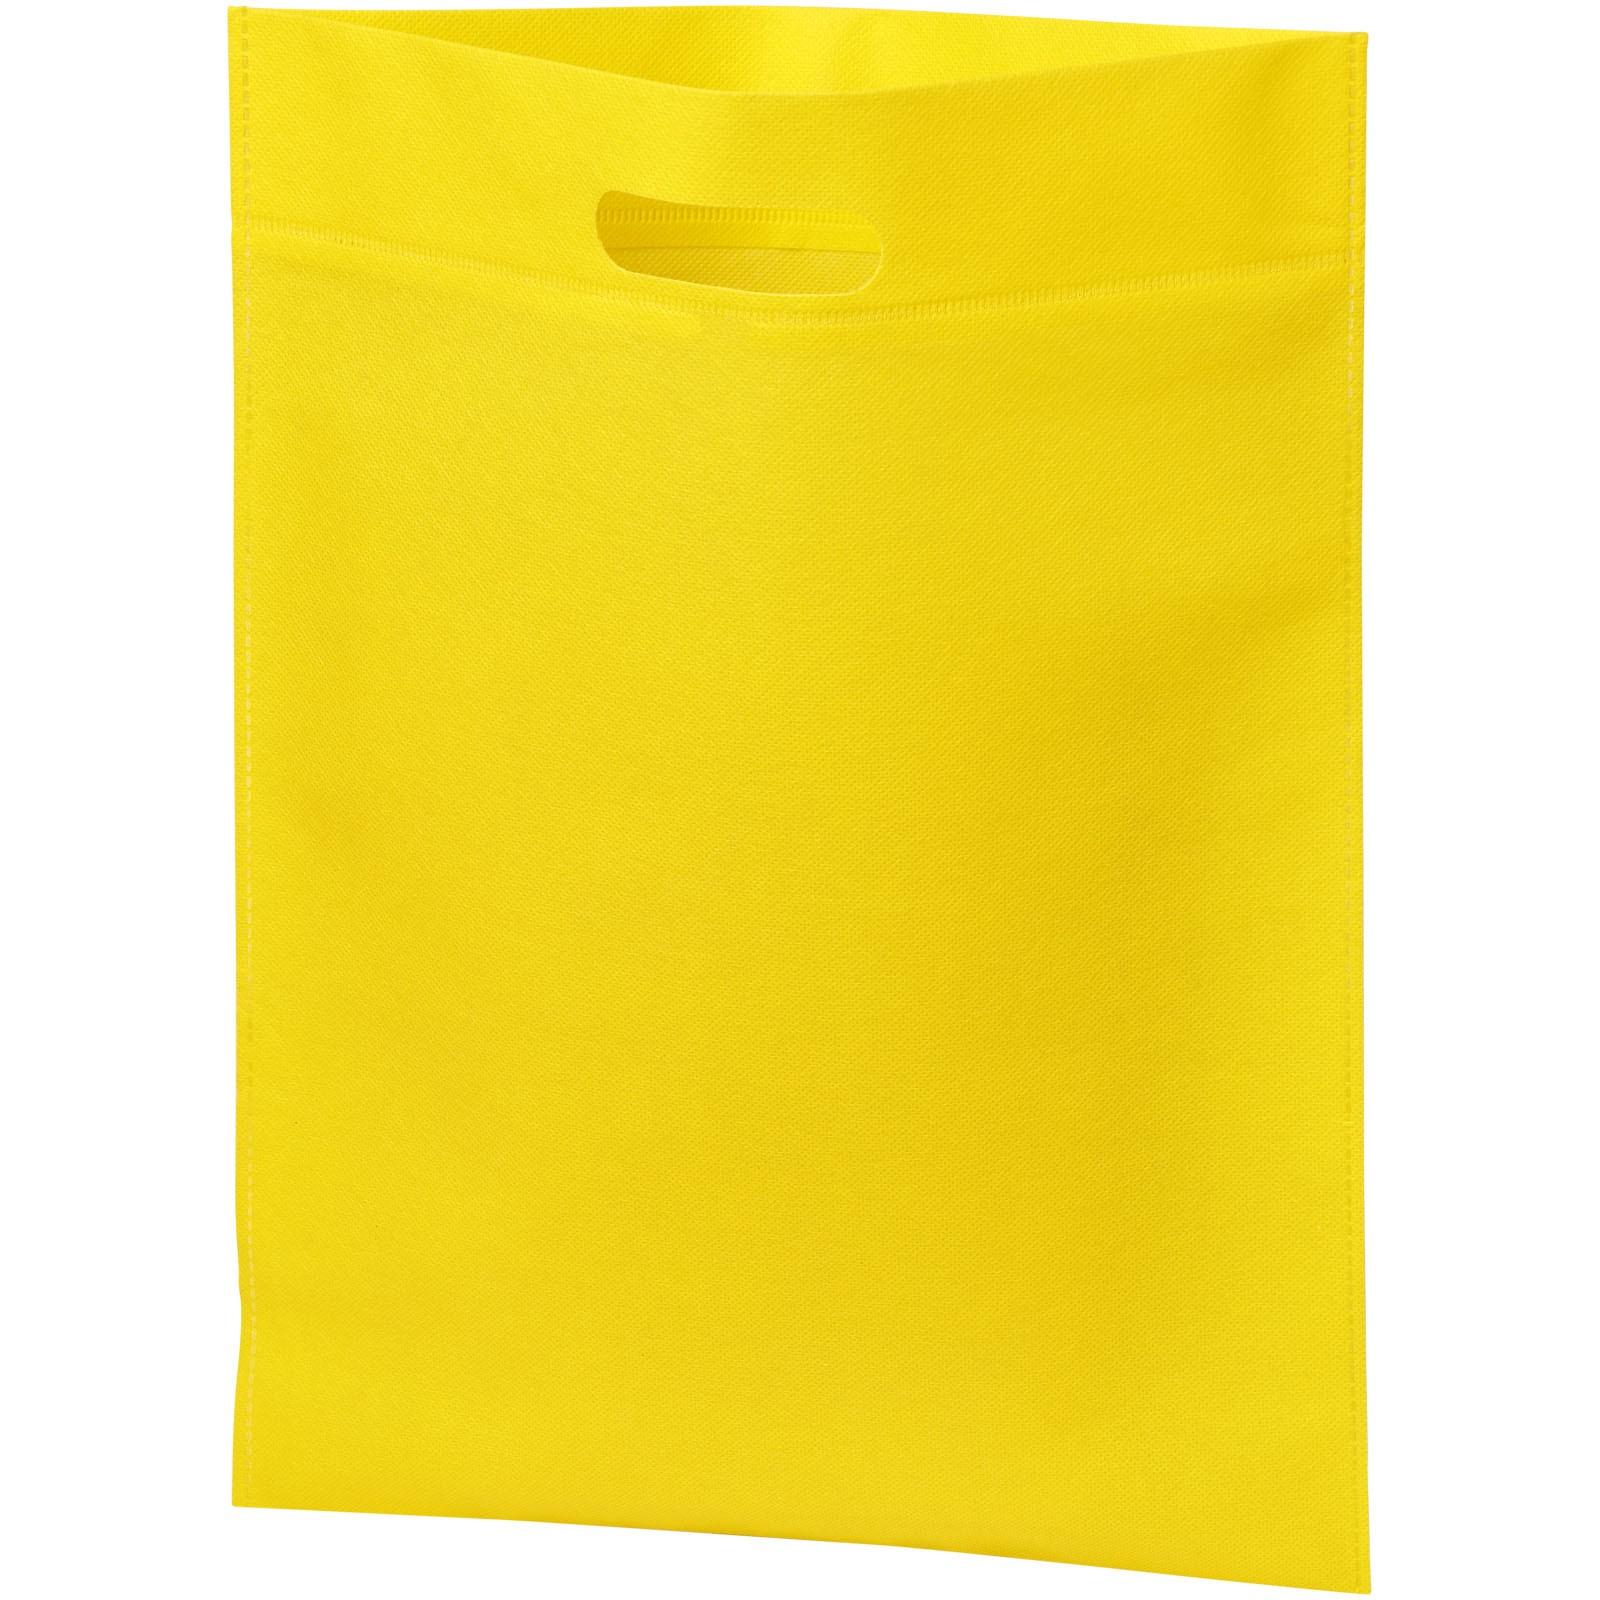 Kongresová odnoska Large freedom - Žlutá